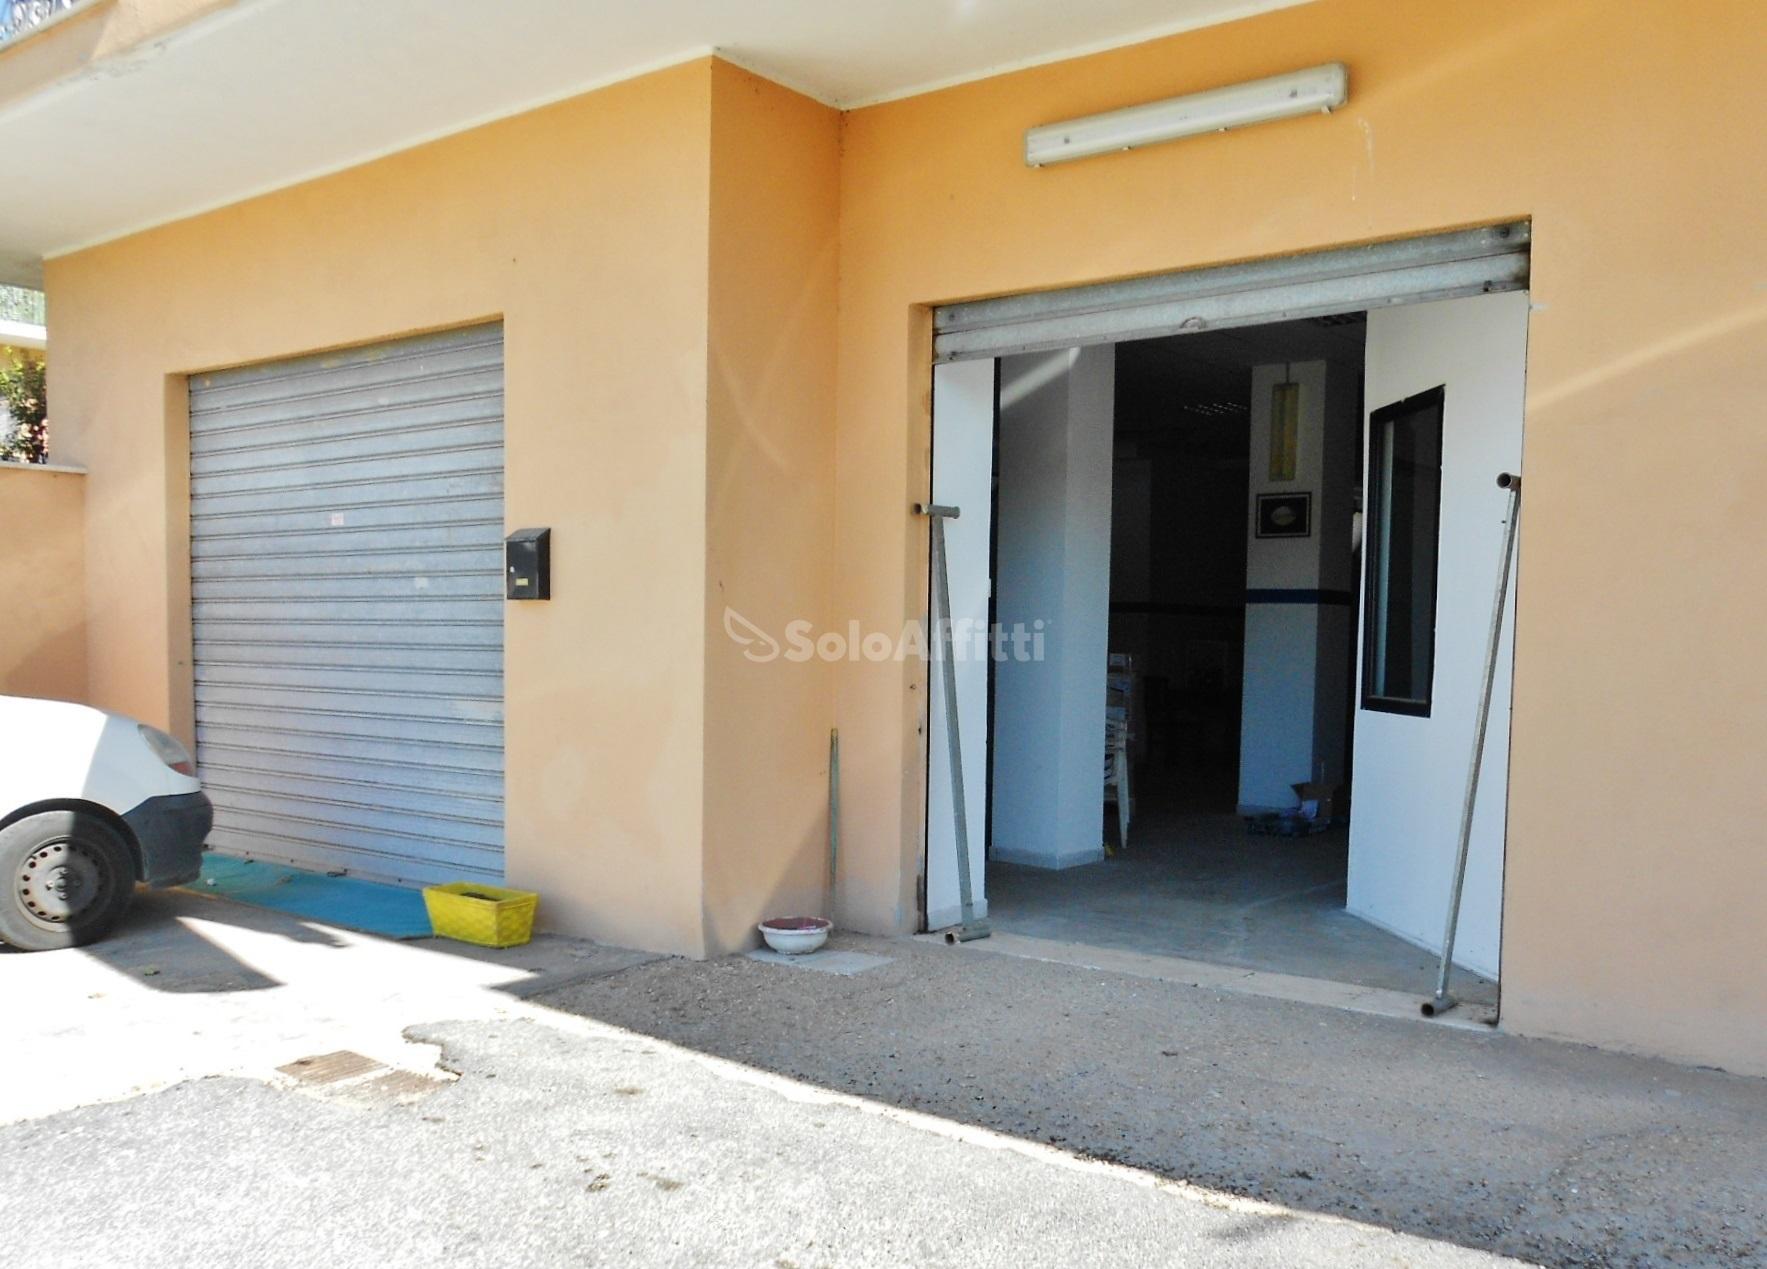 Fiumicino Isola Sacra - negozio due vetrine